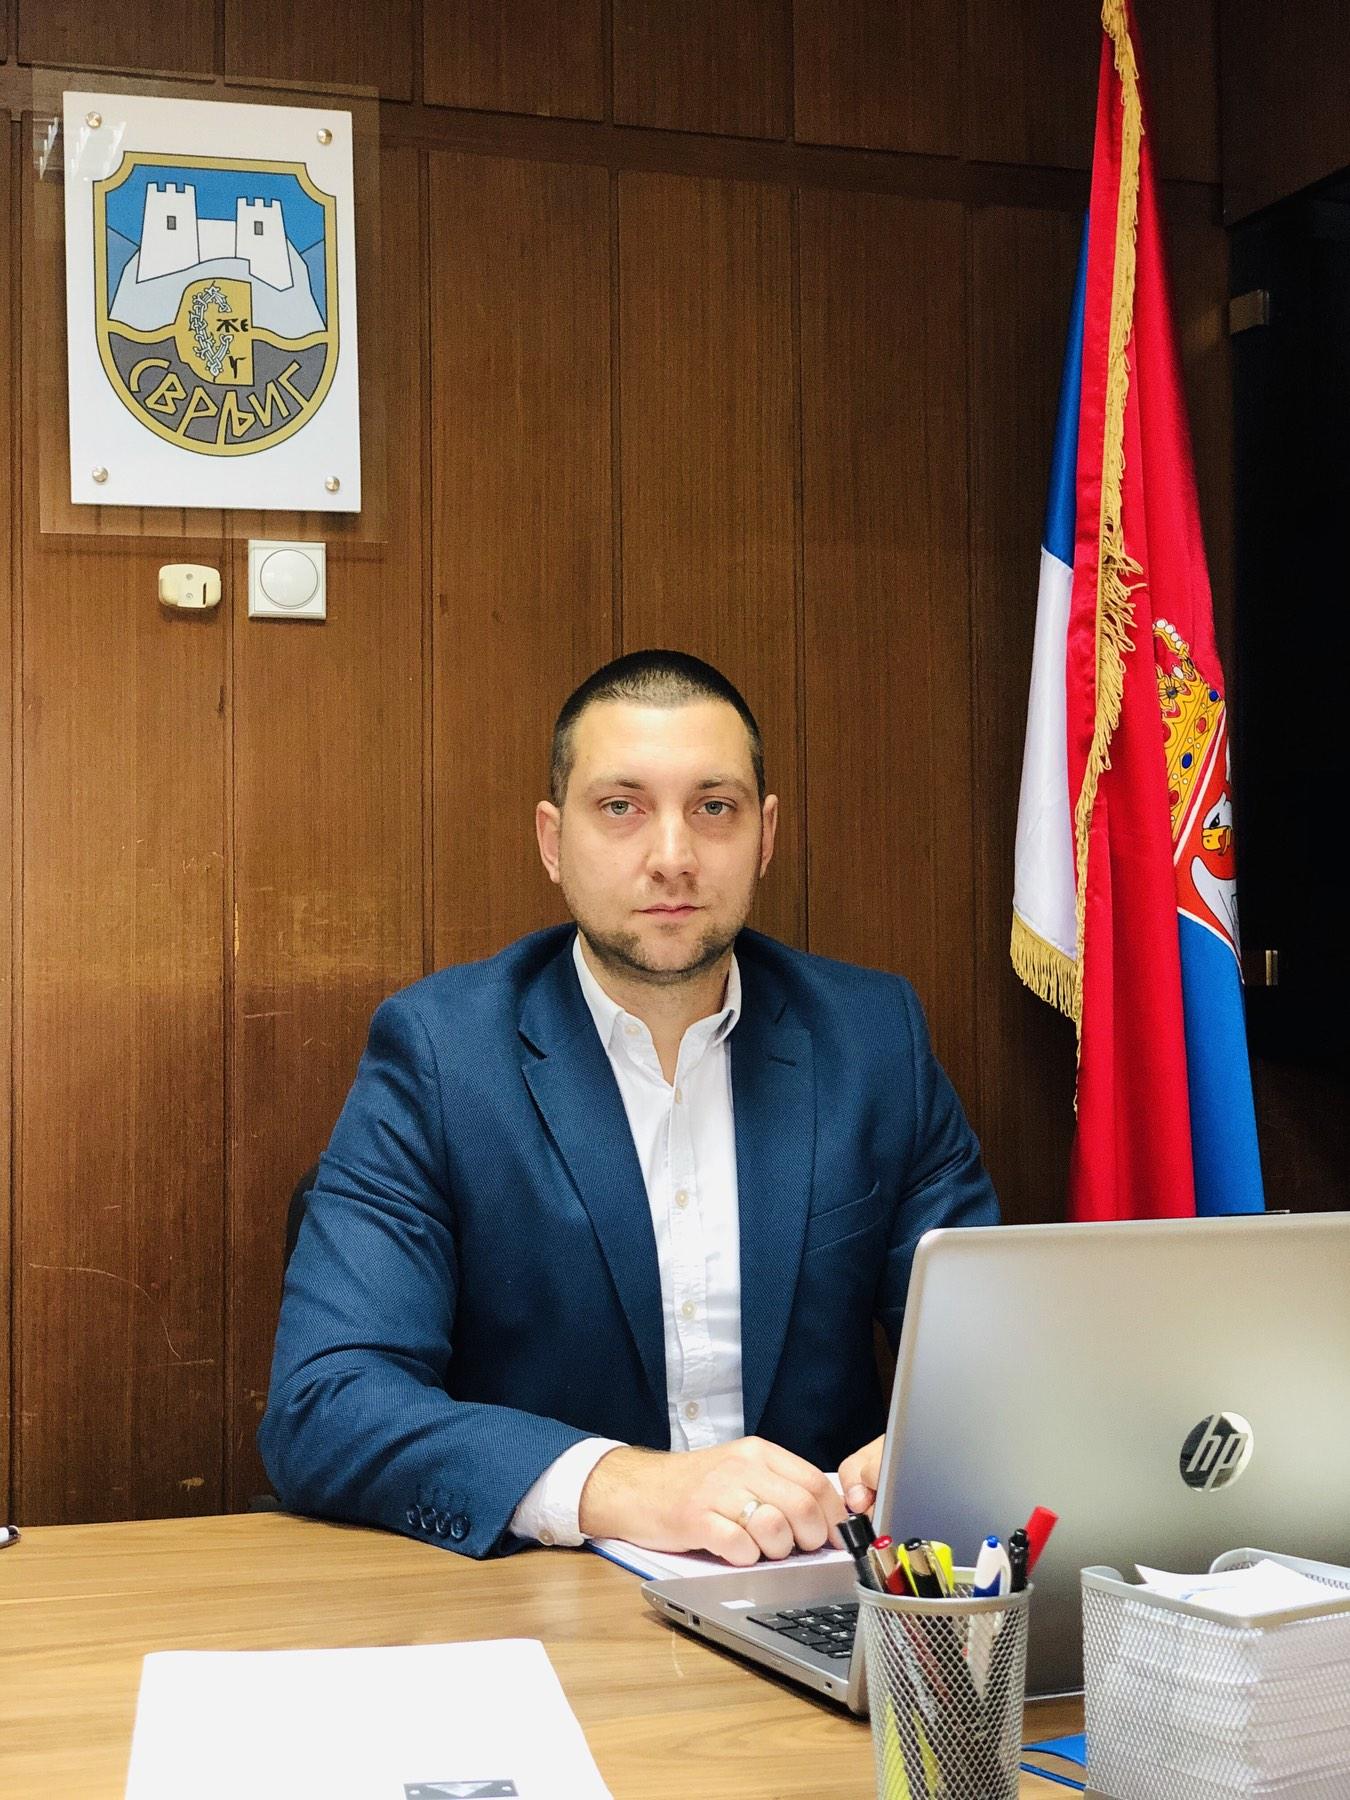 Predsednik opštine Svrljig, Miroslav Marković